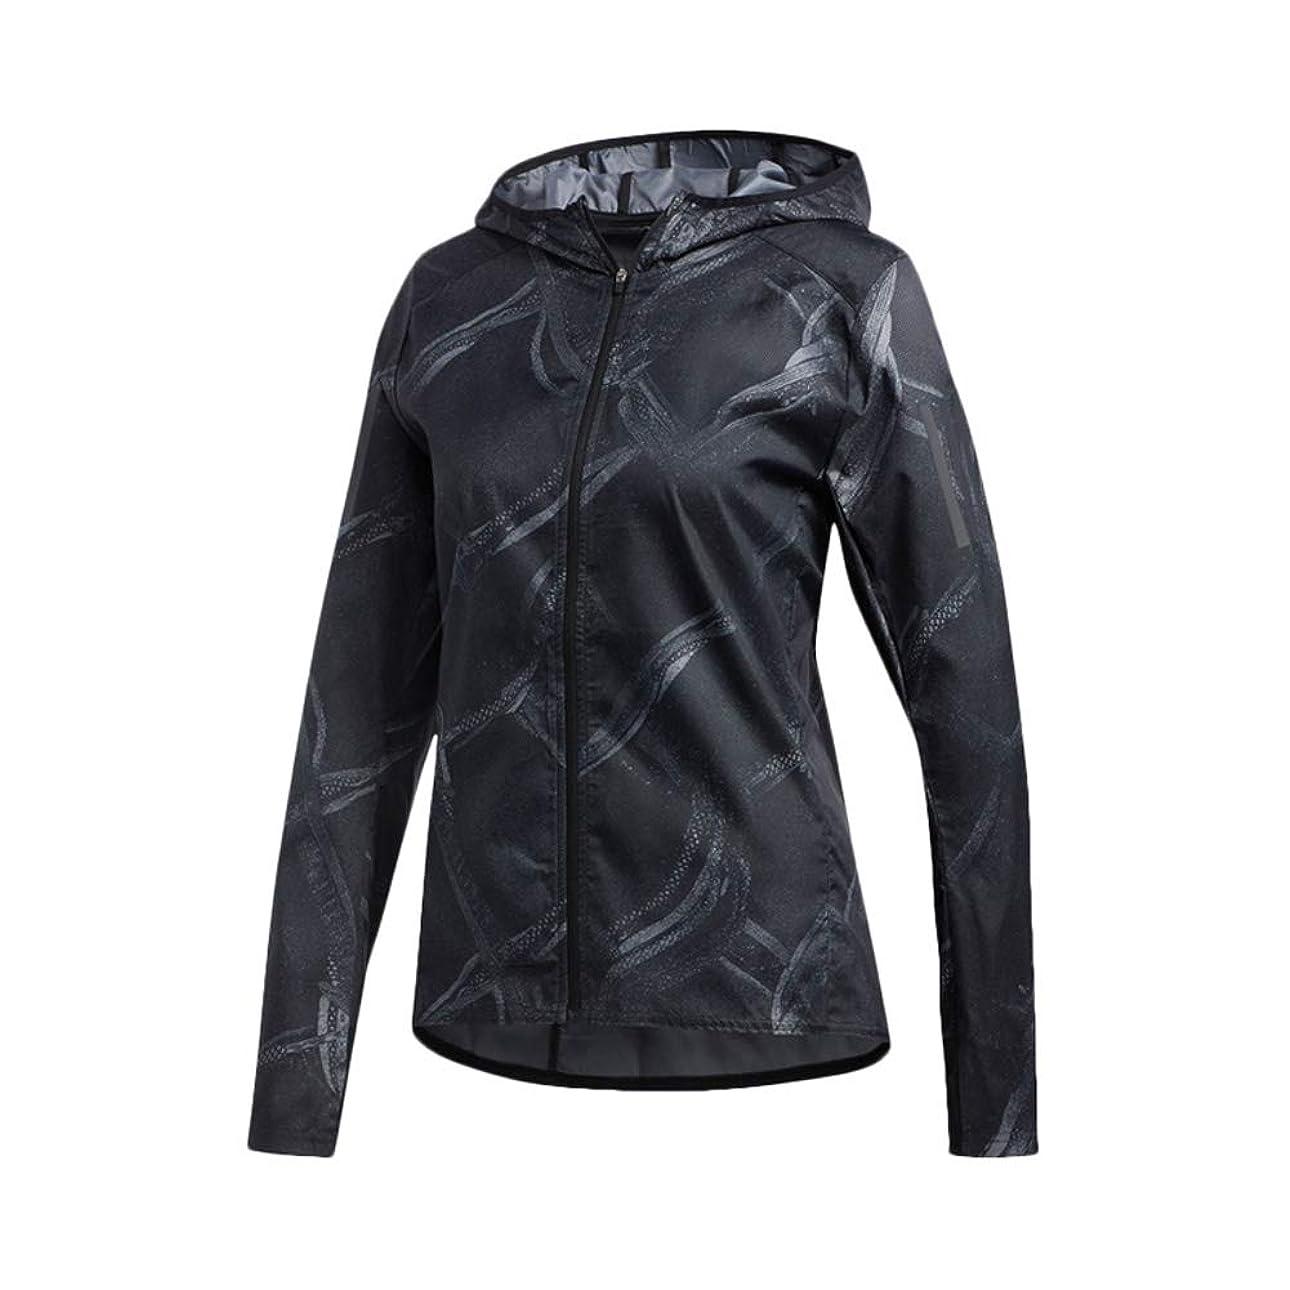 邪魔換気する一般化するウインドジャケット レディース 上 adidas フード付き ランニング ラン ジョギング